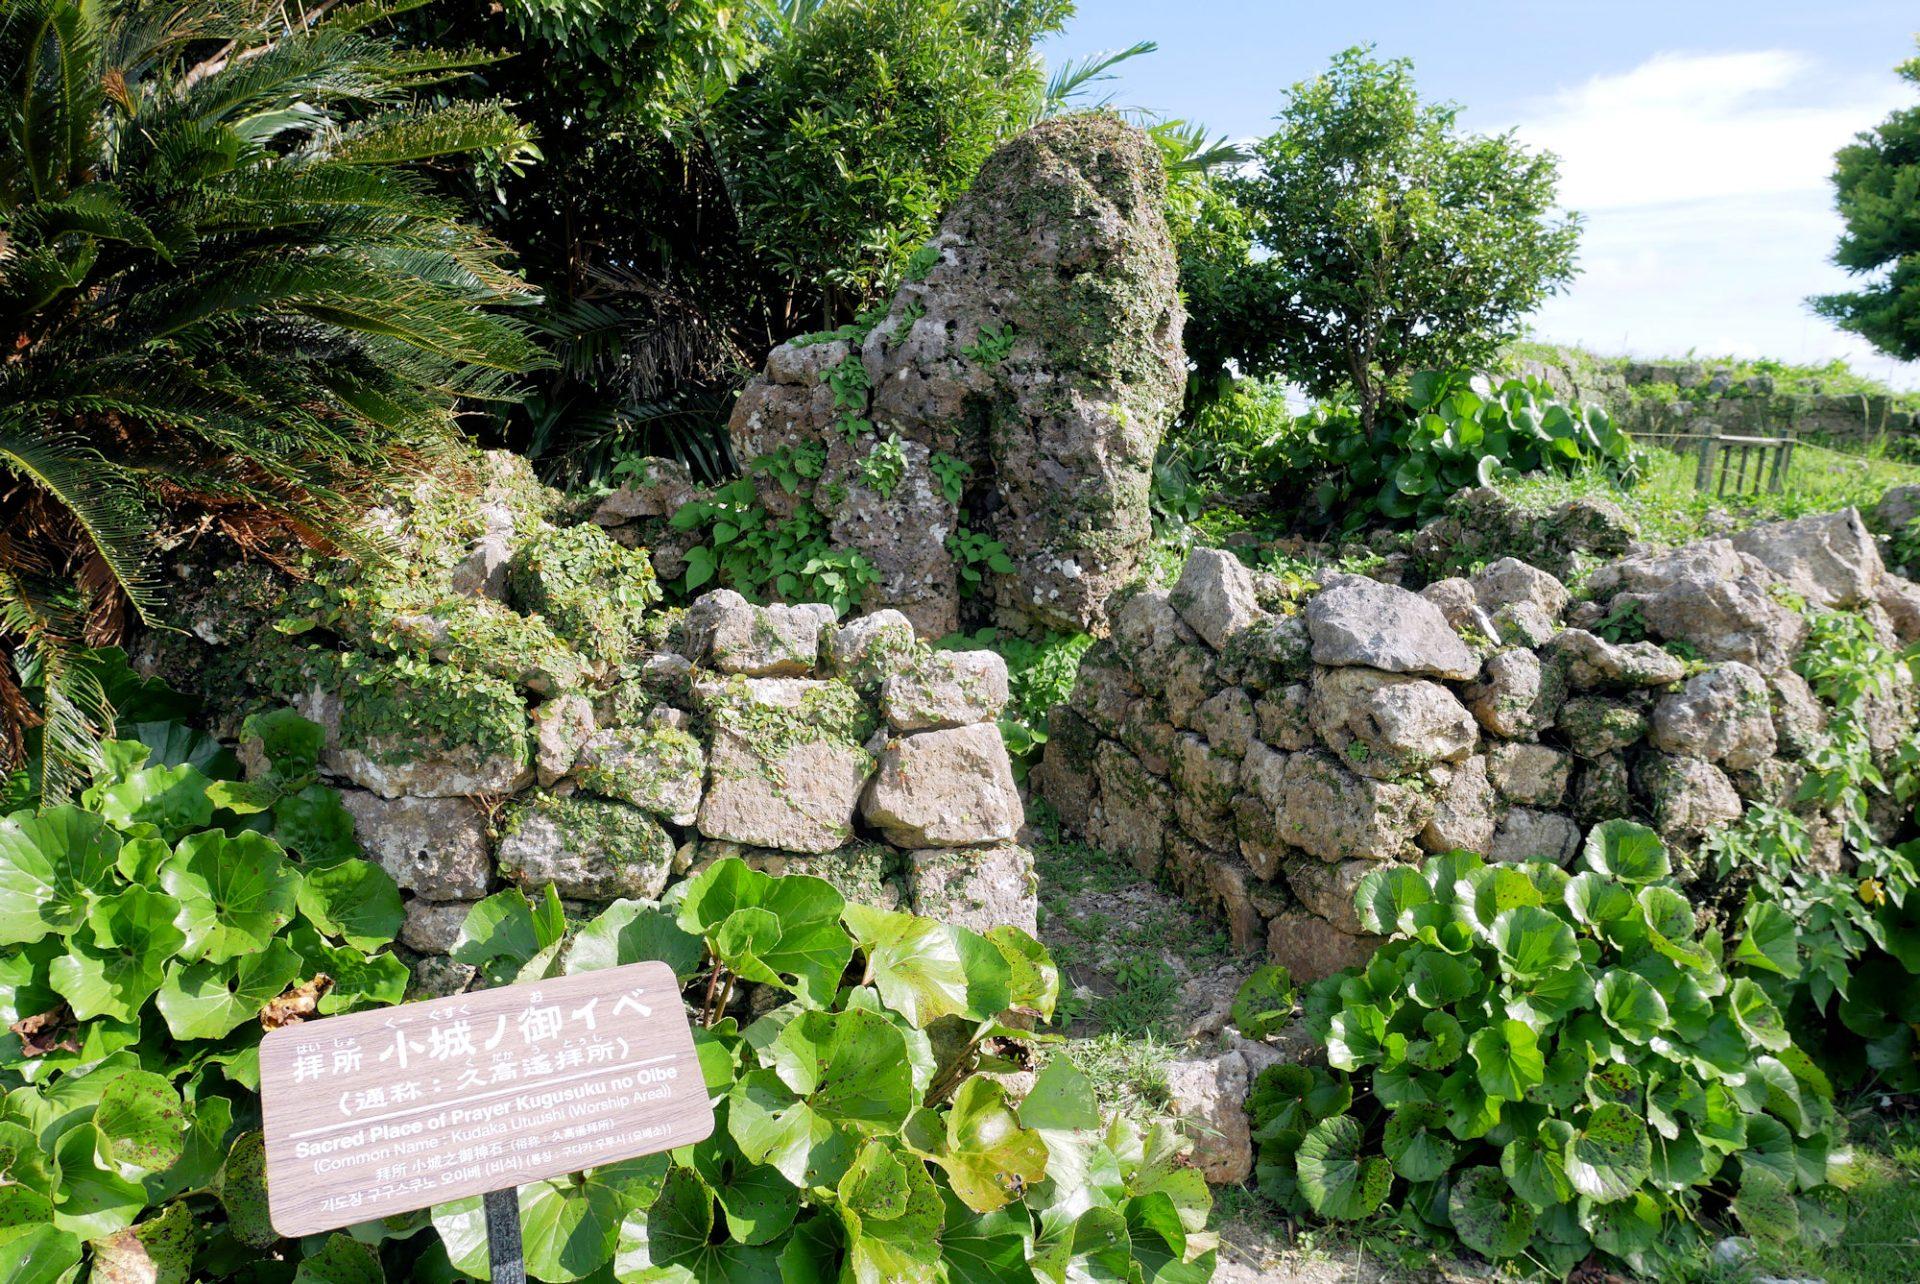 久高遥拝所 南の郭 中城村 世界遺産 中城城跡 沖縄 観光 旅行 歴史